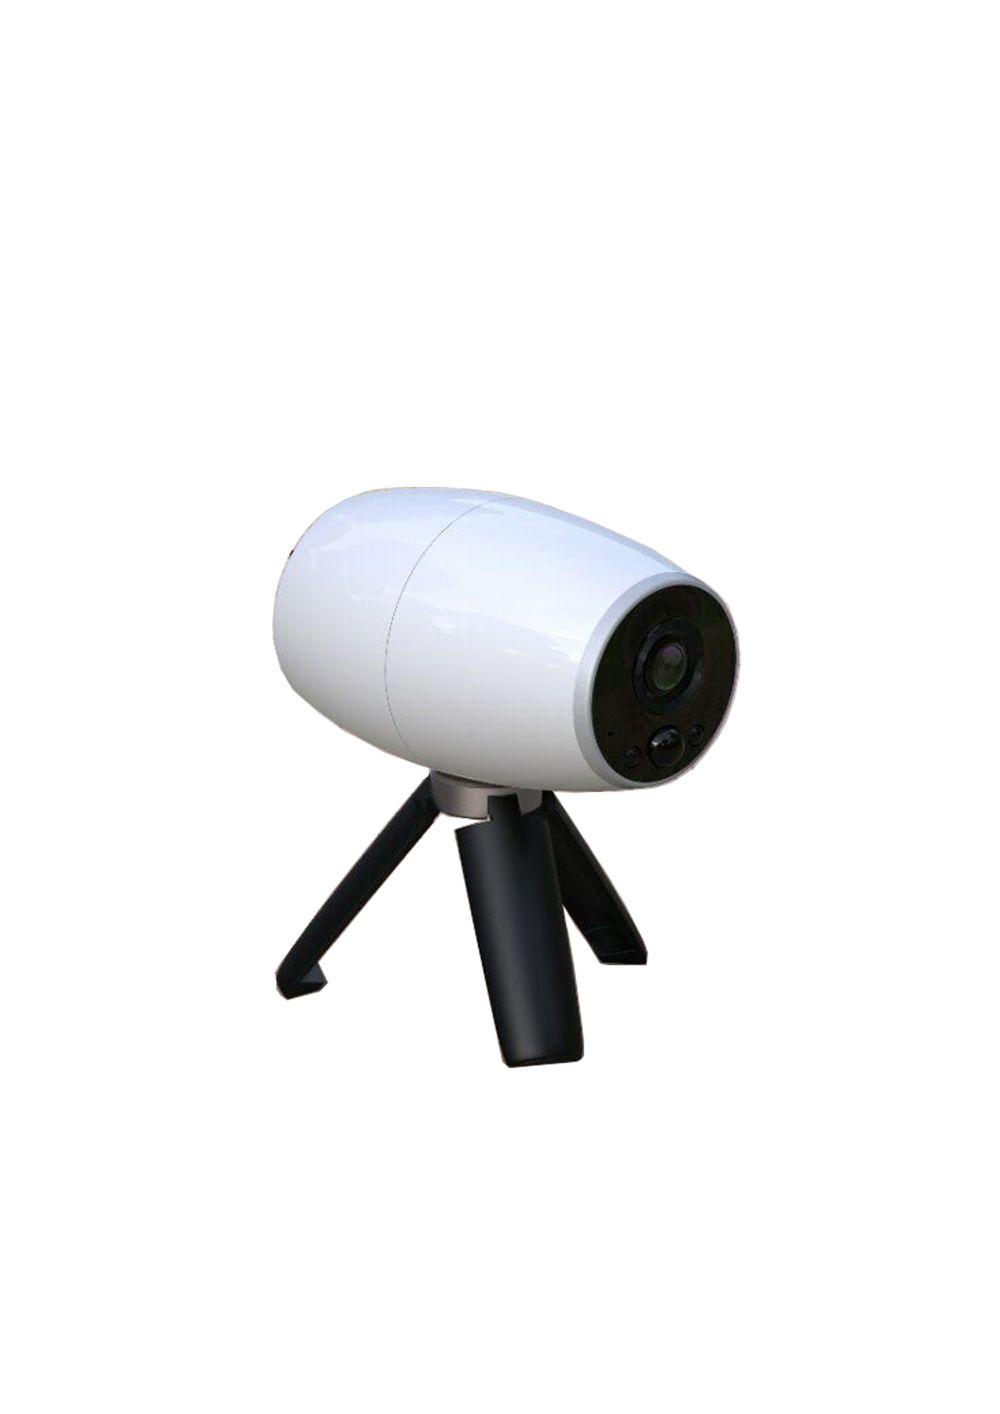 صغيرة بطارية الكاميرا المنزلية الدوائر التلفزيونية المغلقة سحابة لاسلكية واي فاي كاميرا IP بطارية قابلة للشحن تعمل بالطاقة في الهواء الطلق مانعة لتسرب الماء 720P الأمن الدوائر التلفزيونية المغلقة الكاميرا اثنين